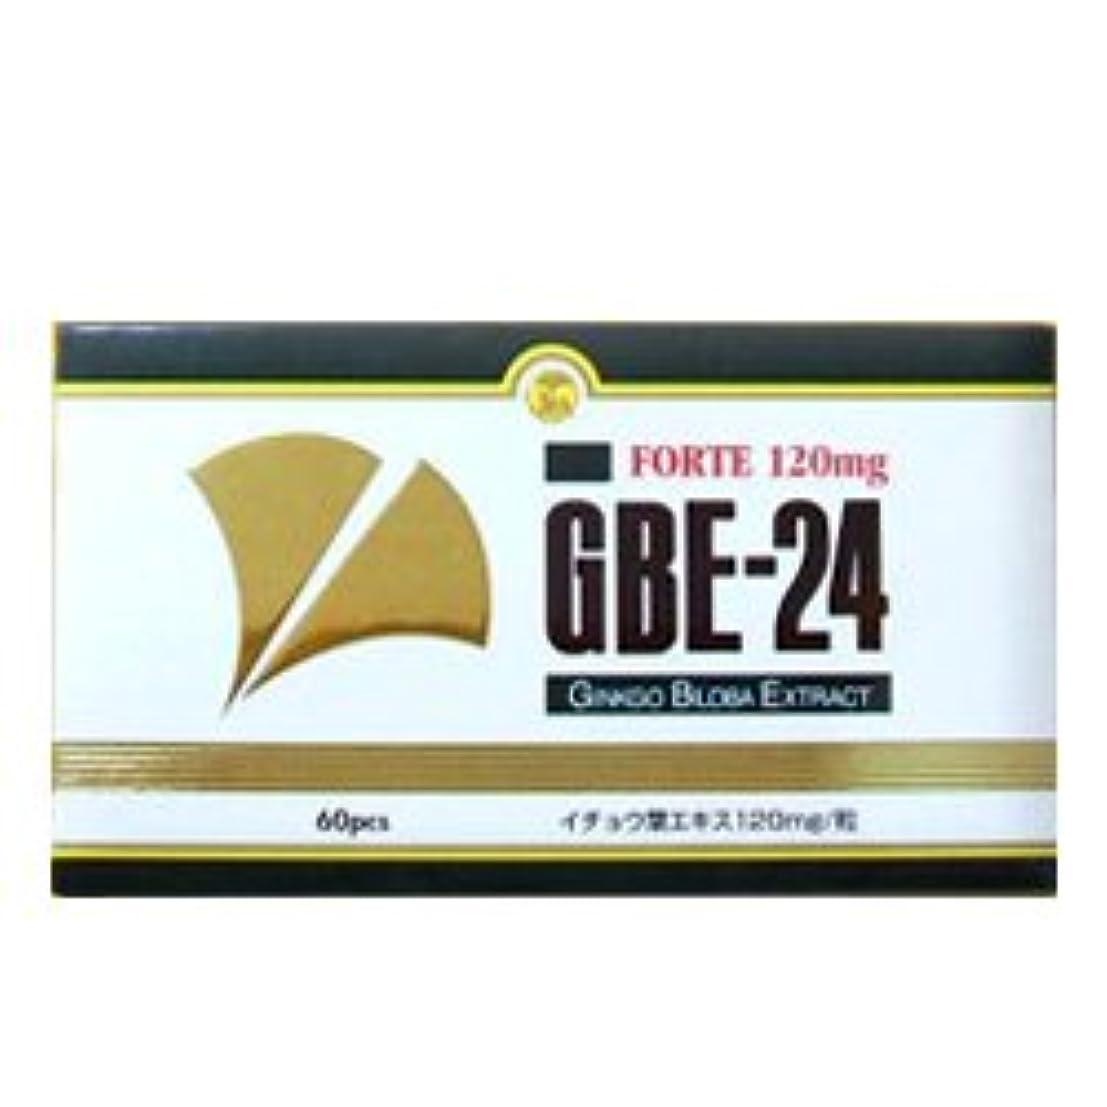 発症篭チューインガムGBE-24 フォルテ イチョウ葉エキス食品 335mg×60粒